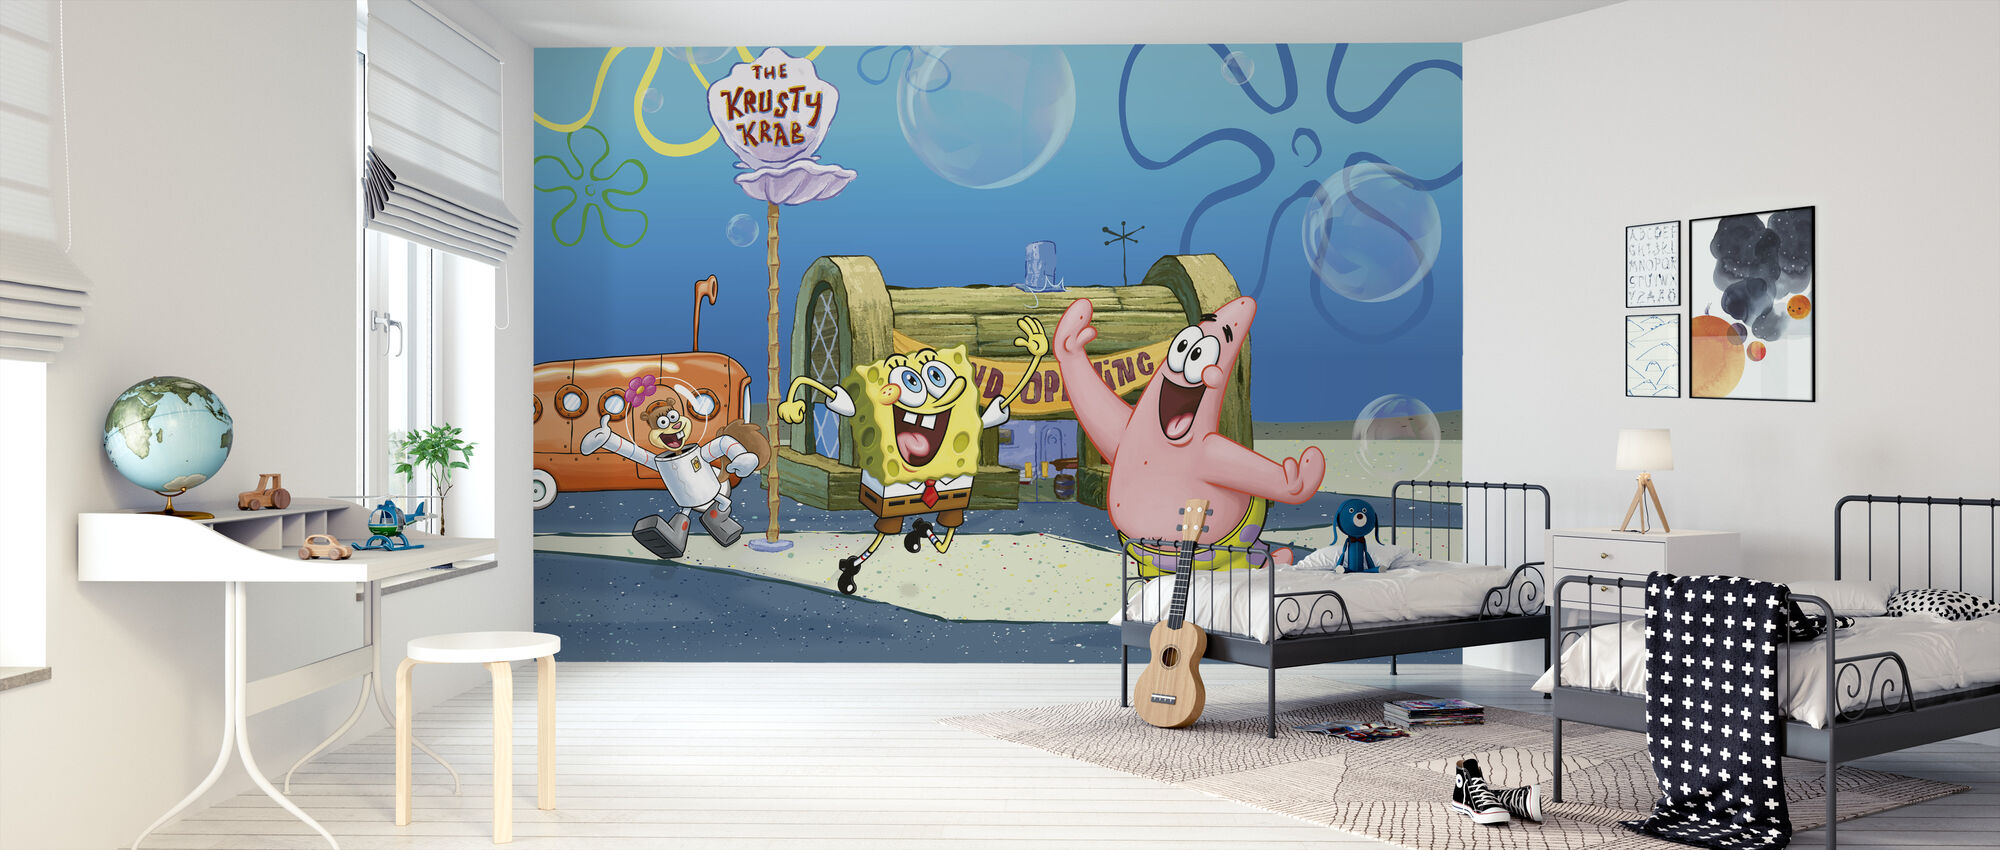 Sponge Bob - Grand åpning på Krusty Krab - Tapet - Barnerom